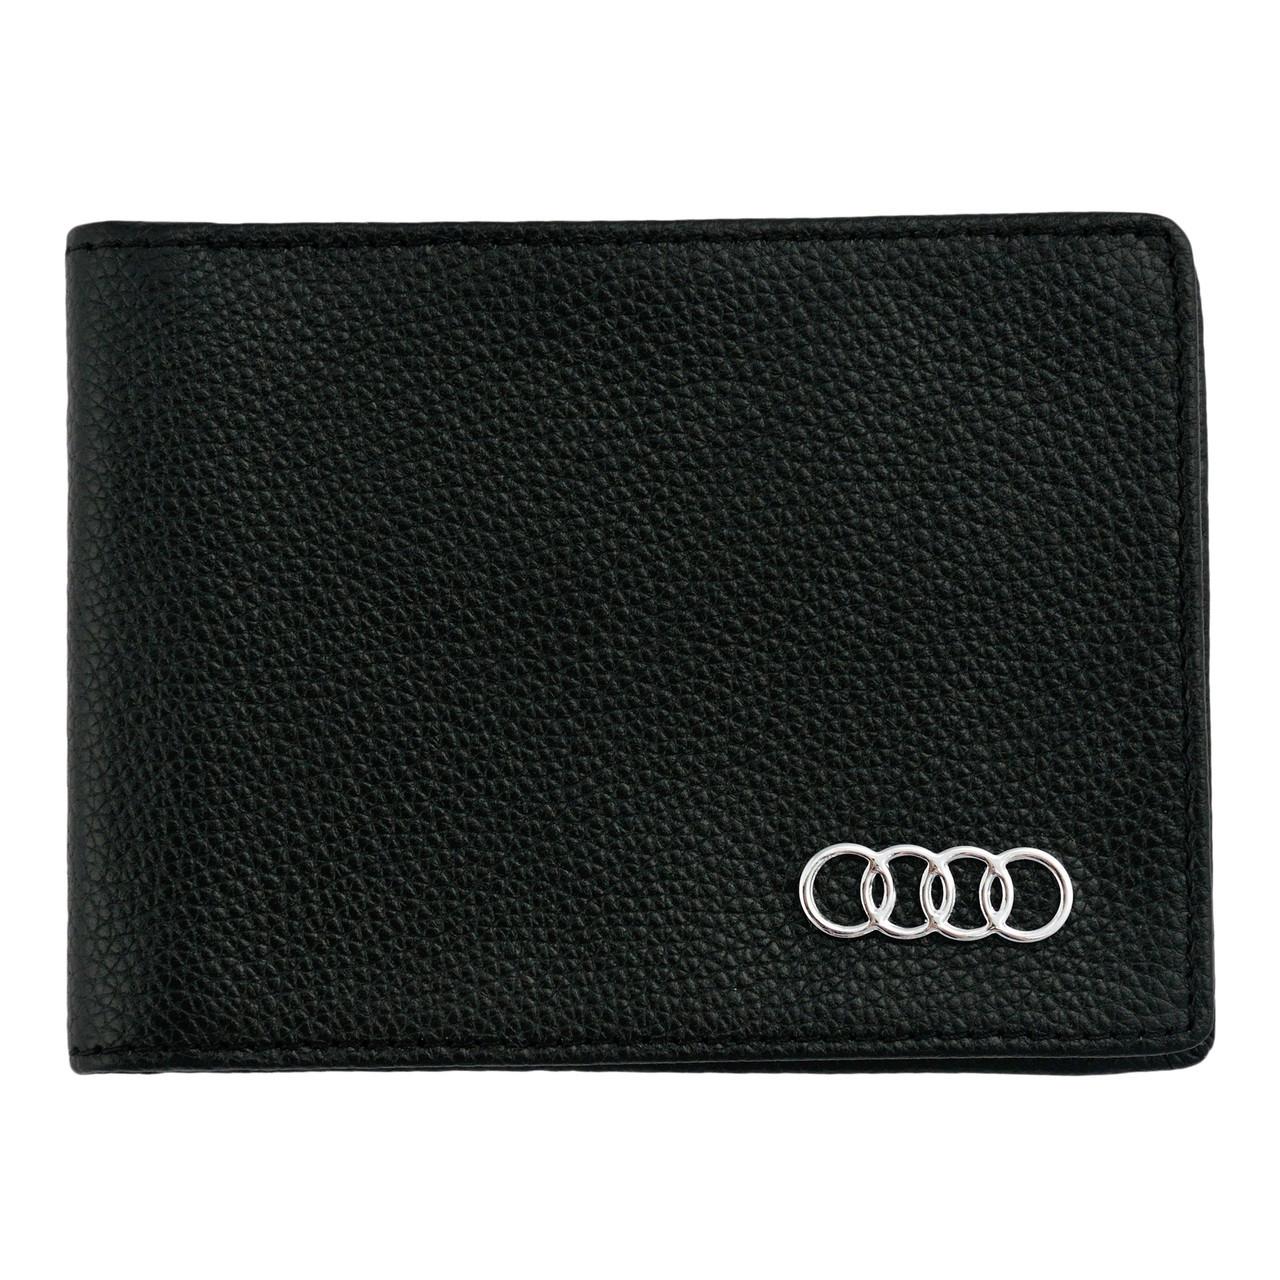 Кожаный бумажник двойного сложения с эмблемой AUDI